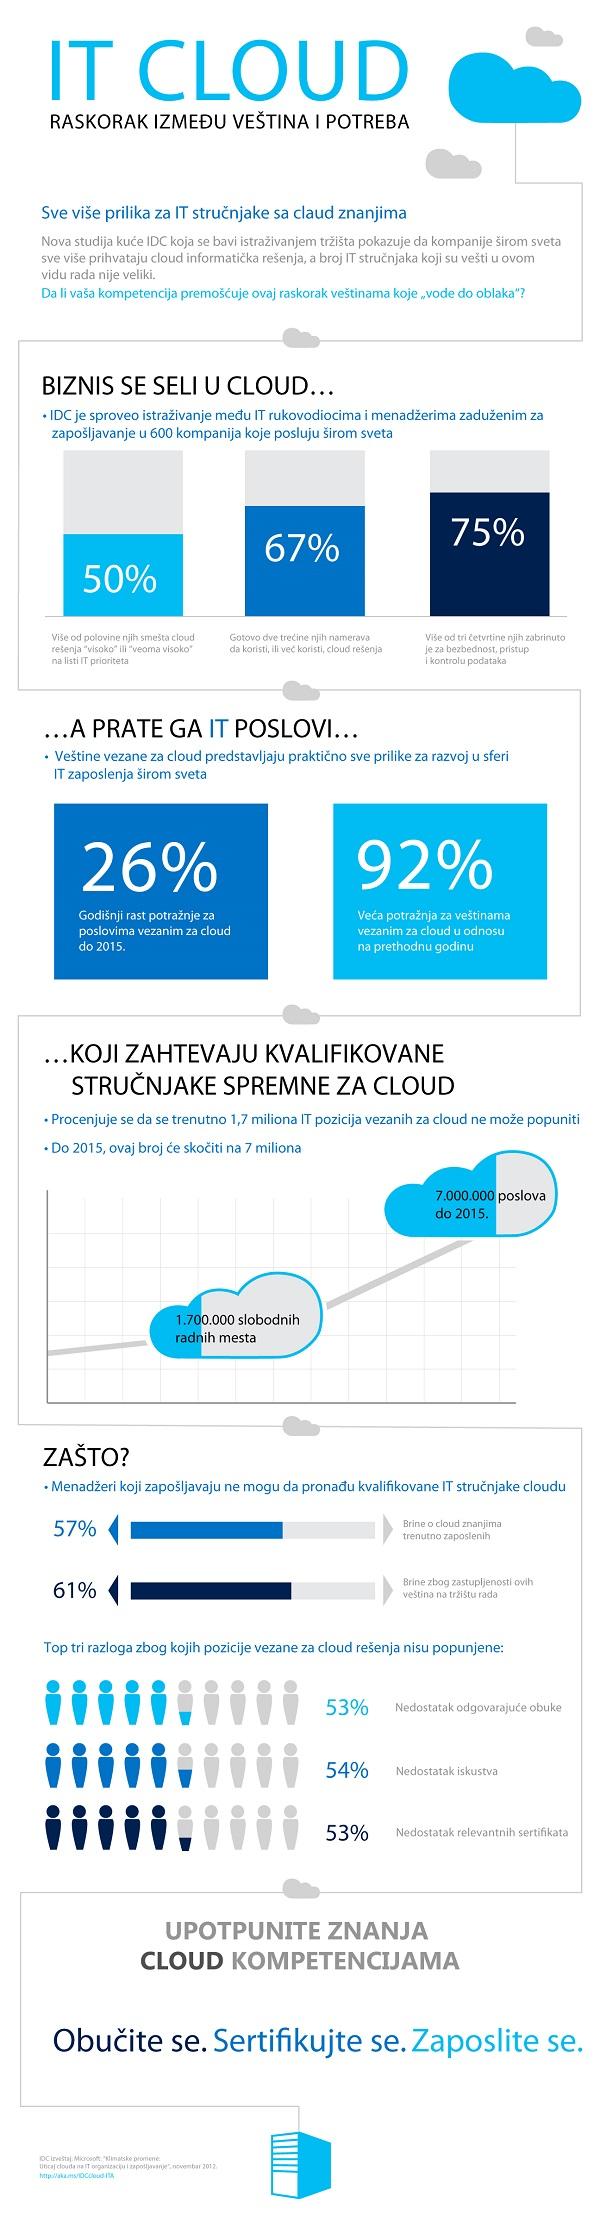 IT_Cloud_Skills_Gap_mala_.jpg